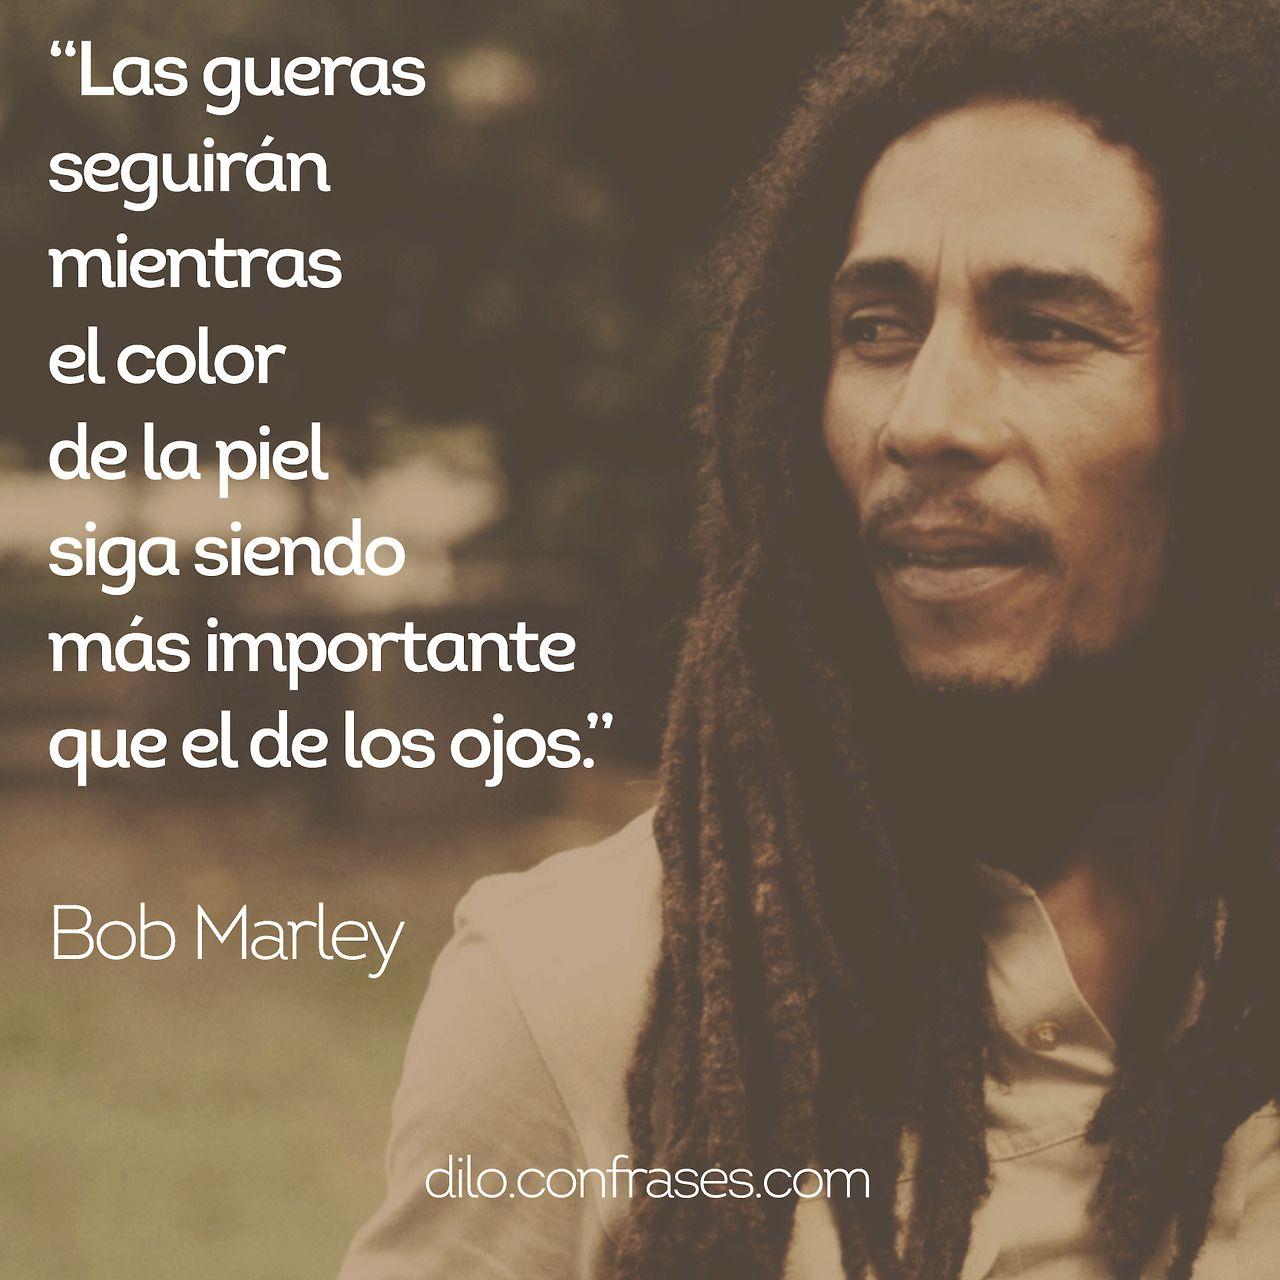 Bob Marley Death Quotes: Las Guerras Seguirán Mientras El Color De La Piel Siga